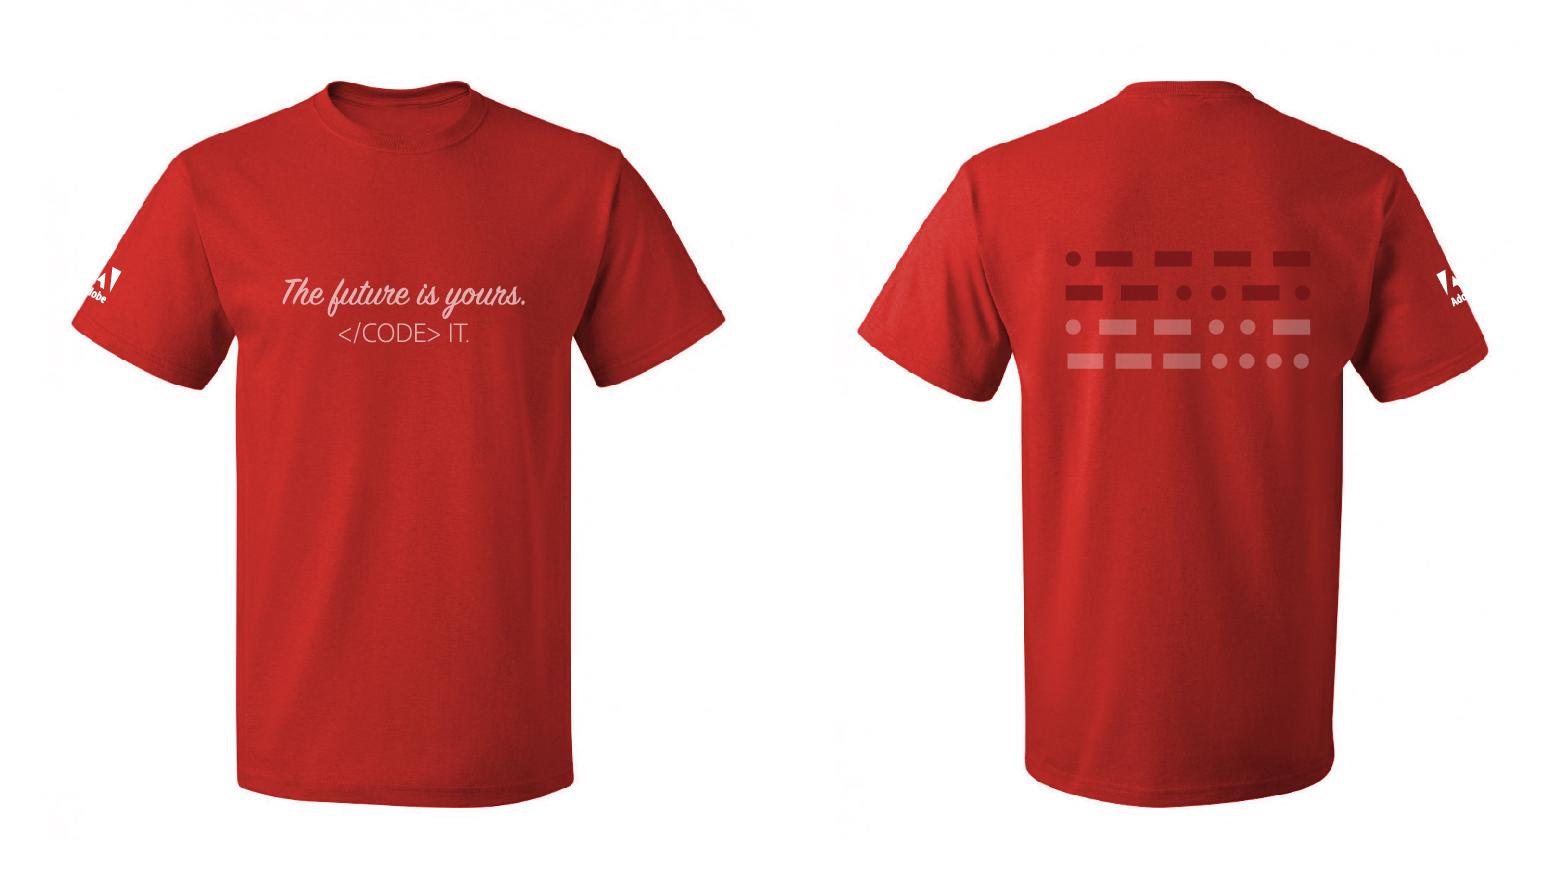 Adobe_Grace_Hopper_T-shirt_FINAL_2-01.jpg